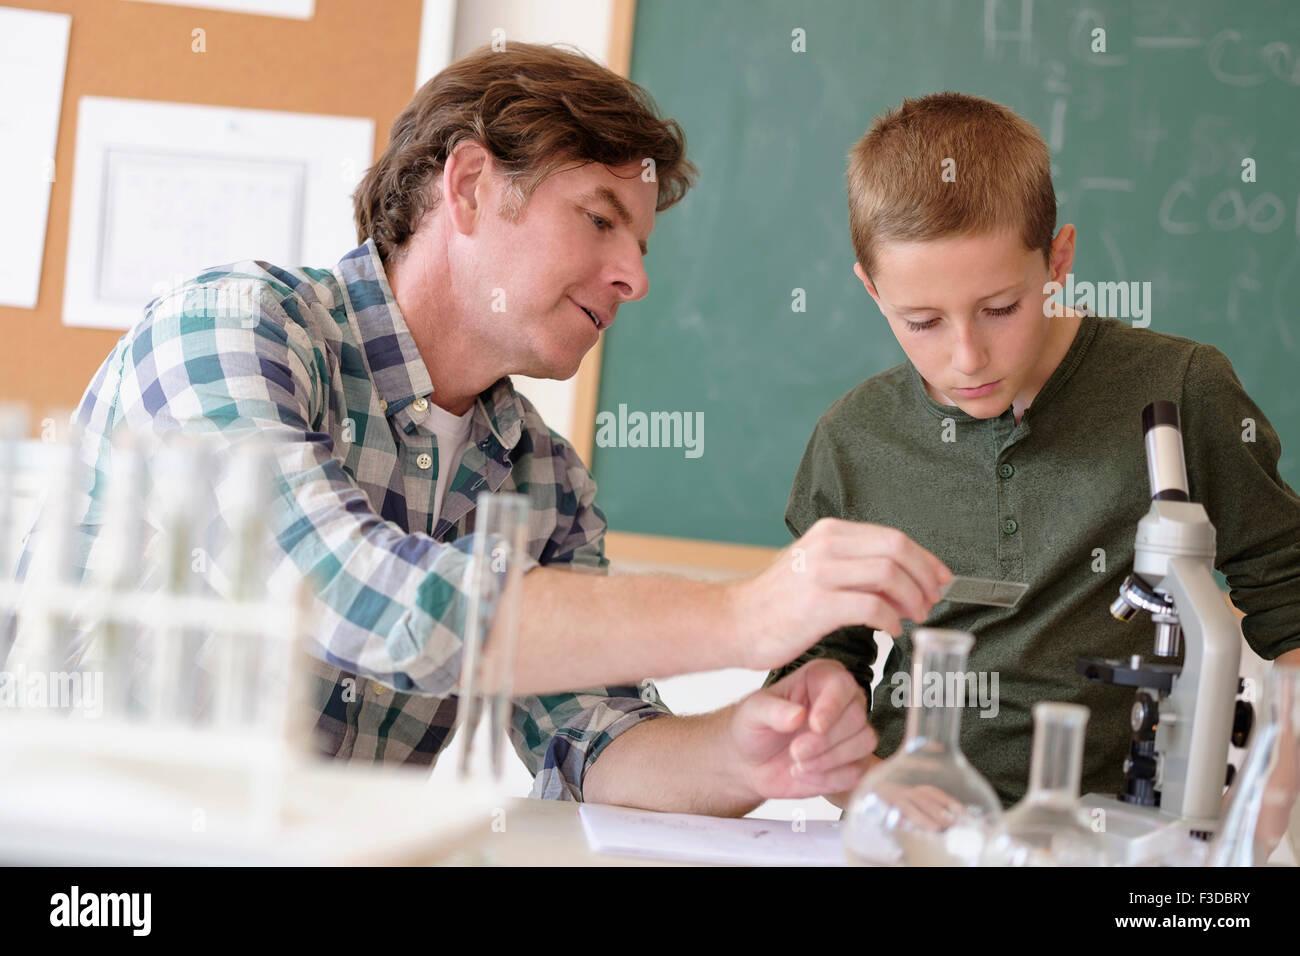 Insegnante a parlare con gli studenti (8-9) in aula Immagini Stock